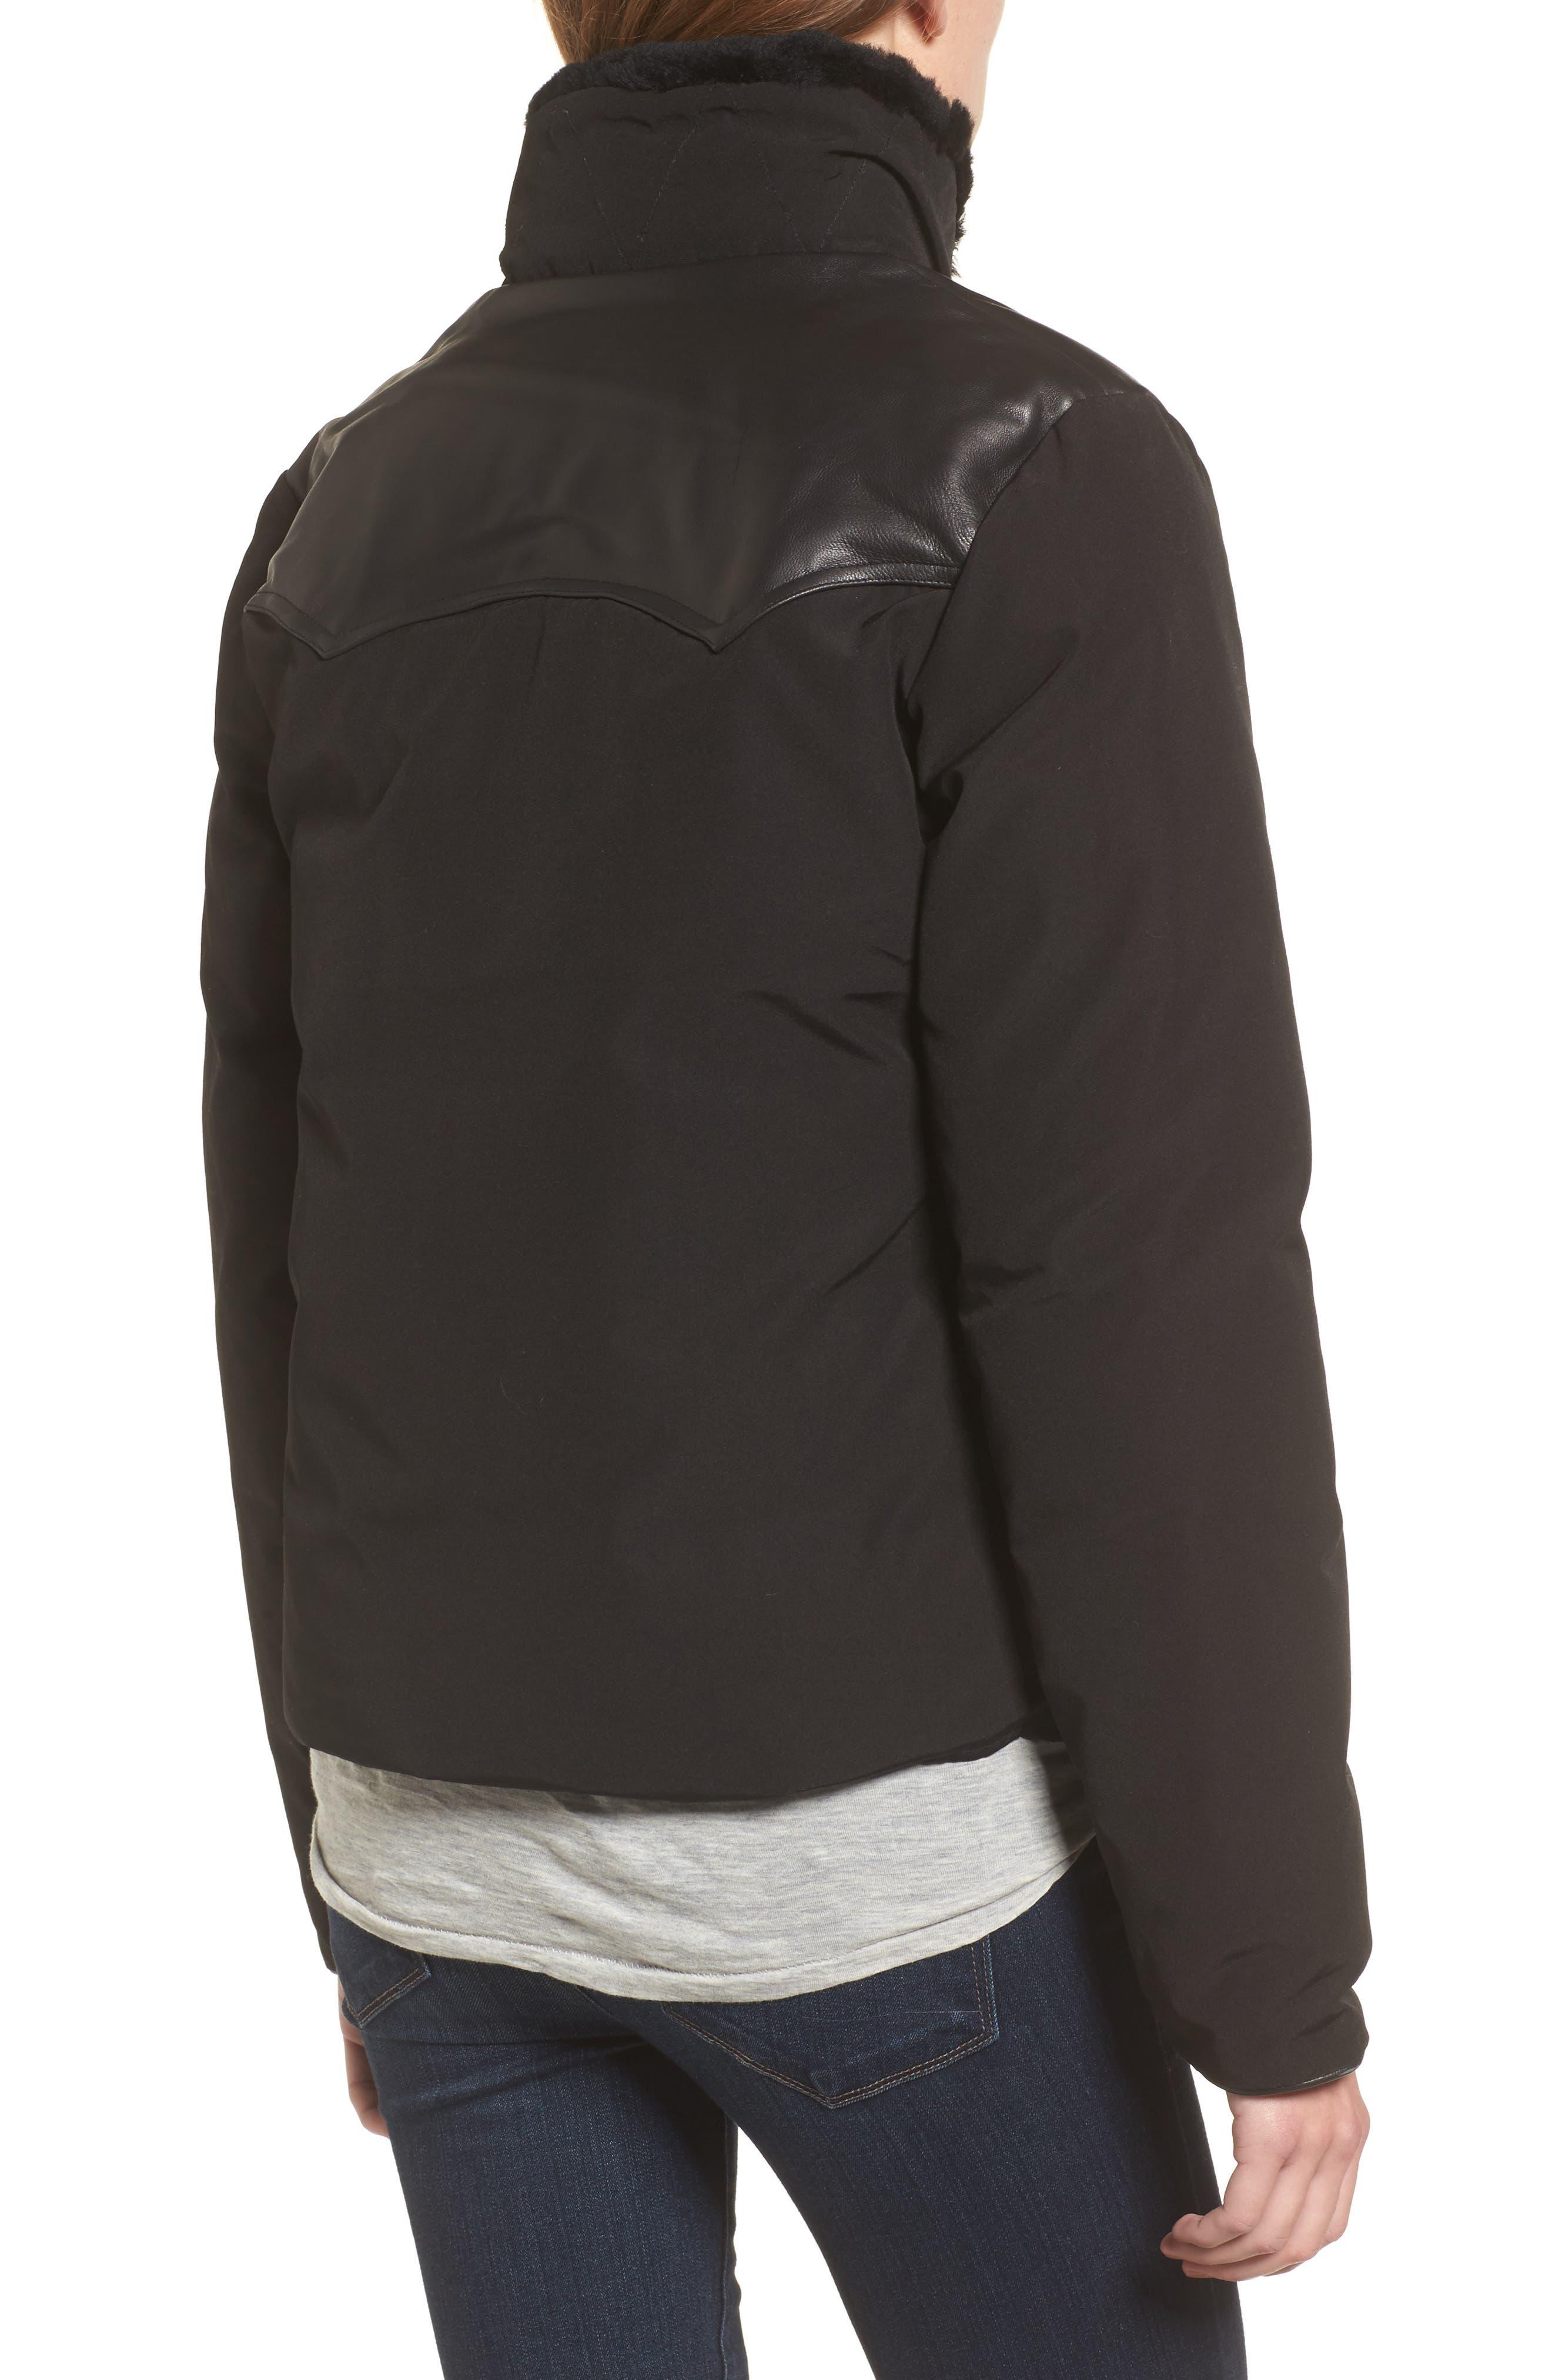 Alternate Image 2  - Penfield Rockwool Down Jacket with Genuine Coyote Fur Trim